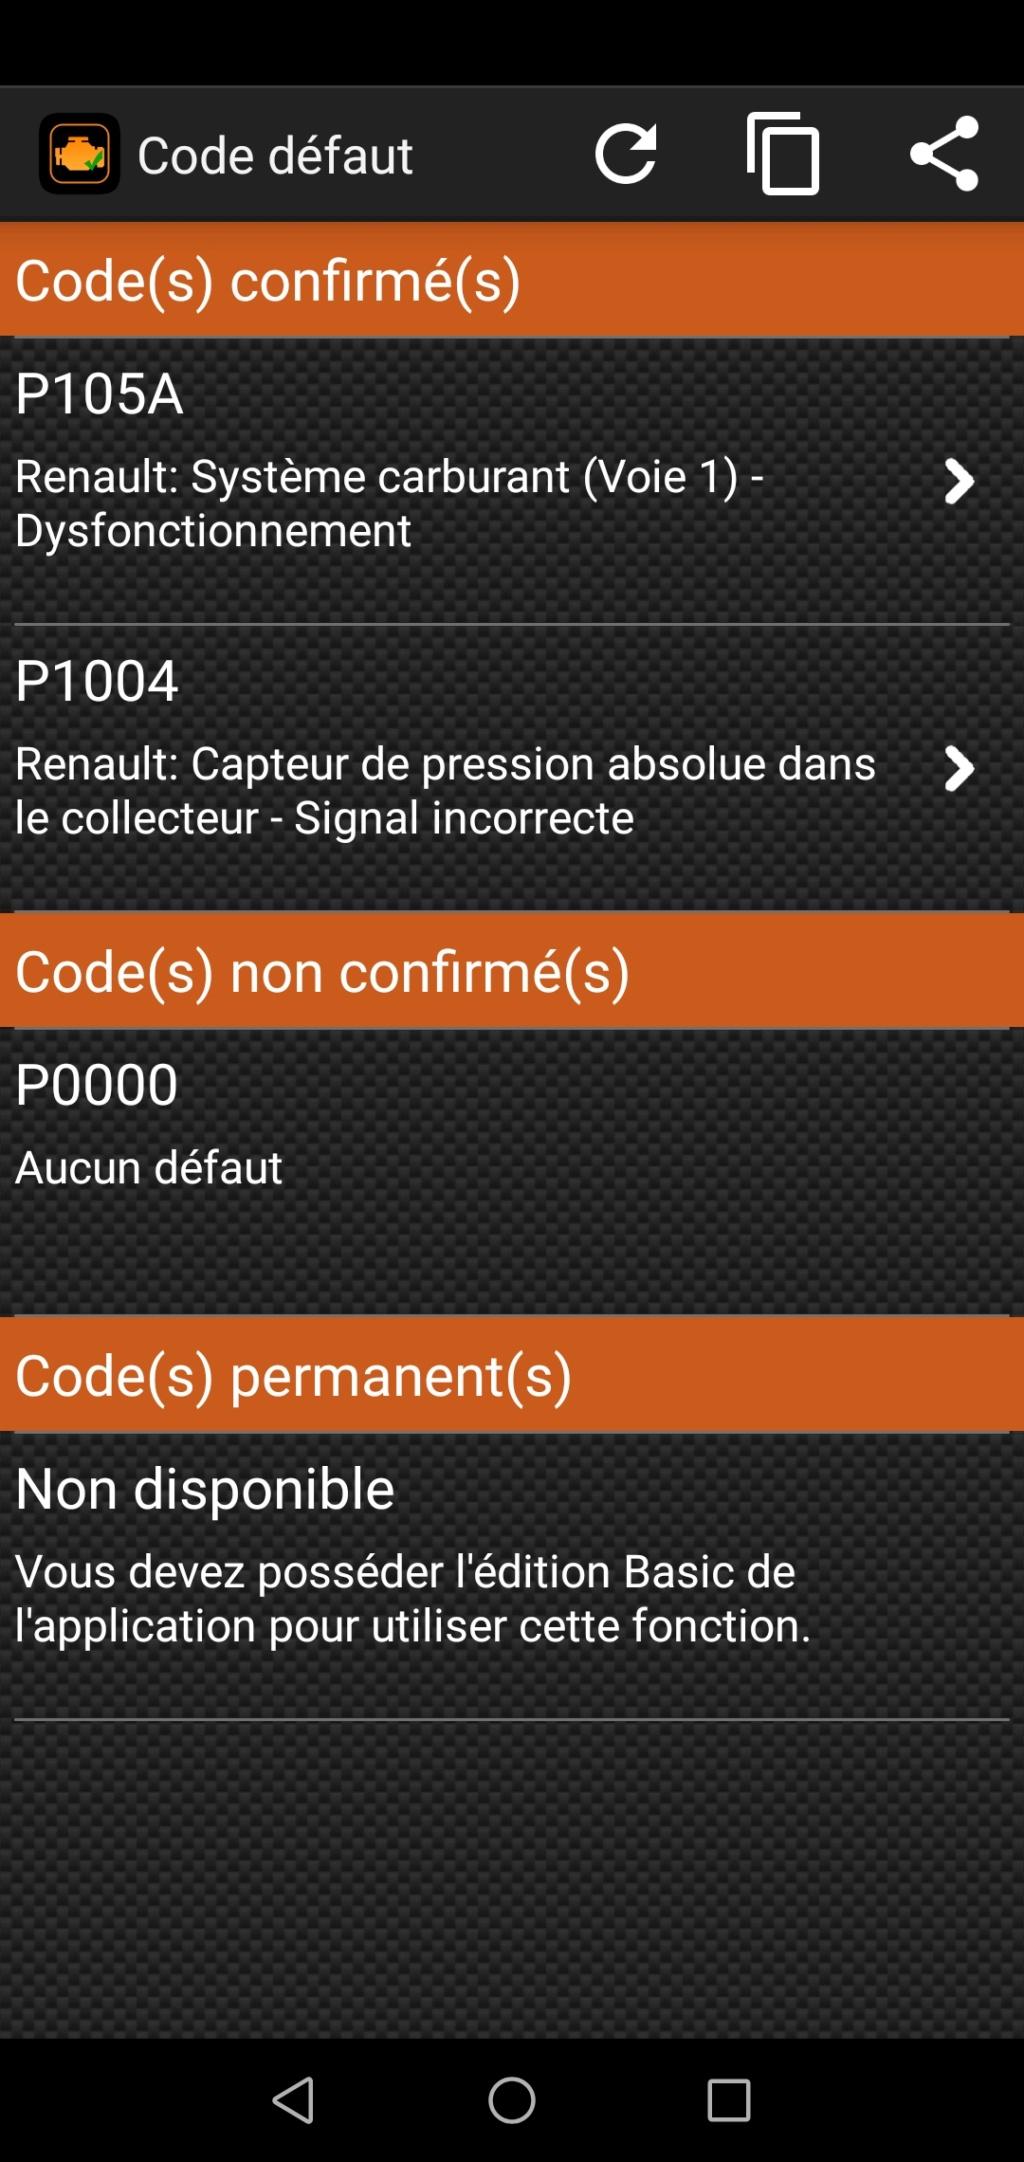 [ Renault Twingo 1.2 16v an 2001 ] Voyant défaillance électronique Screen10